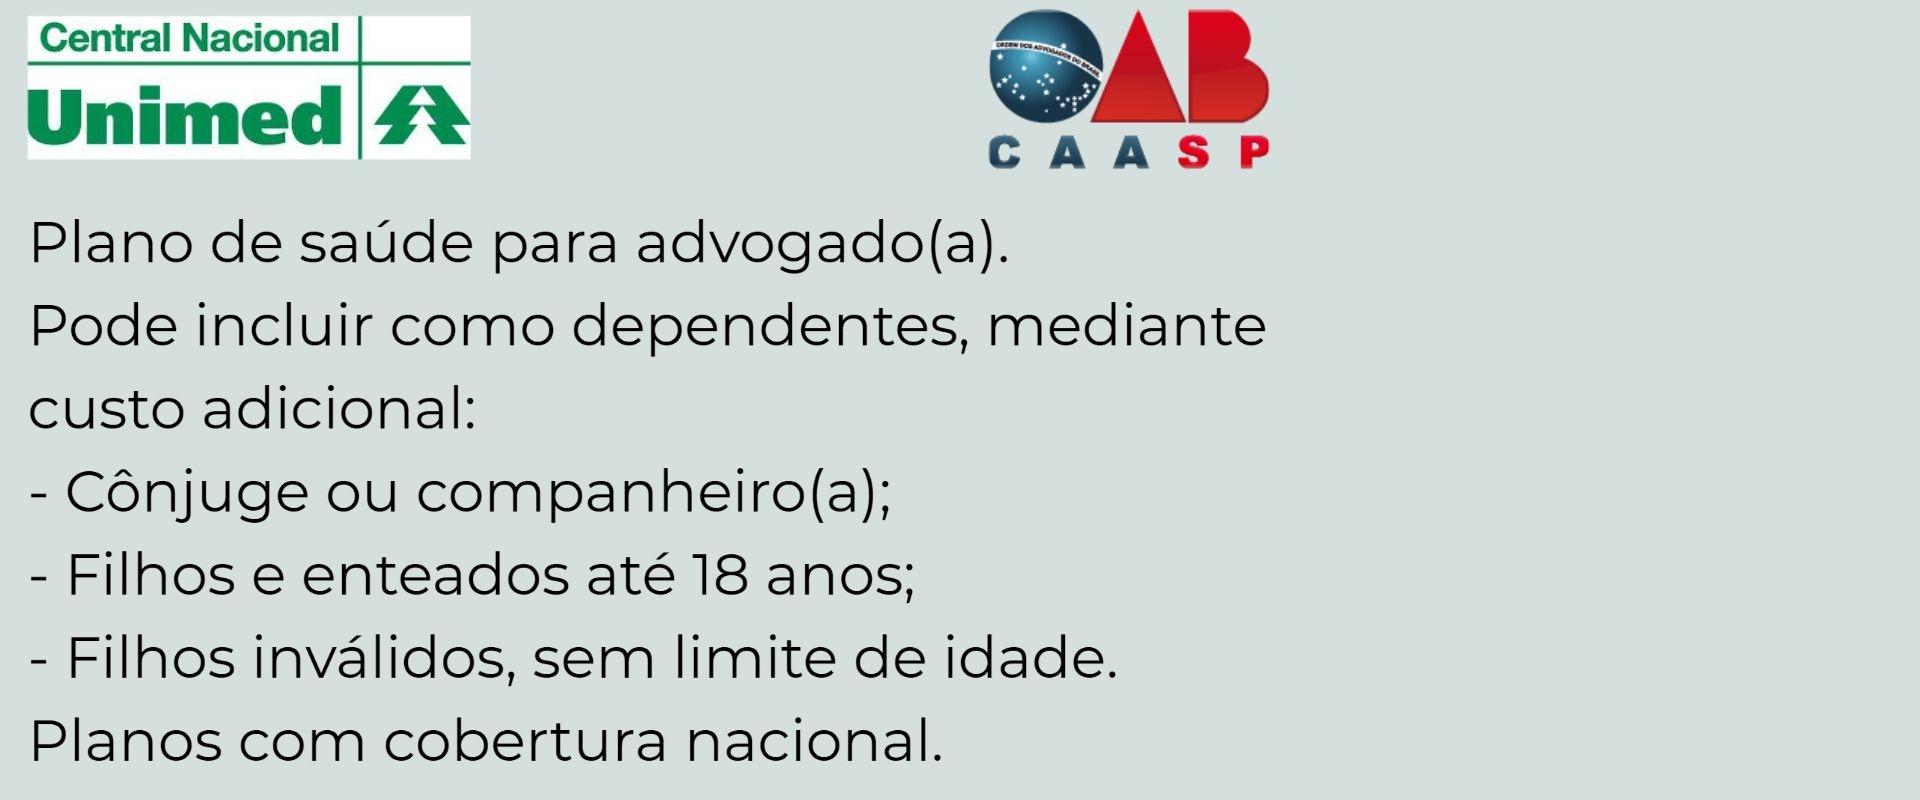 Unimed OAB-SP CAASP